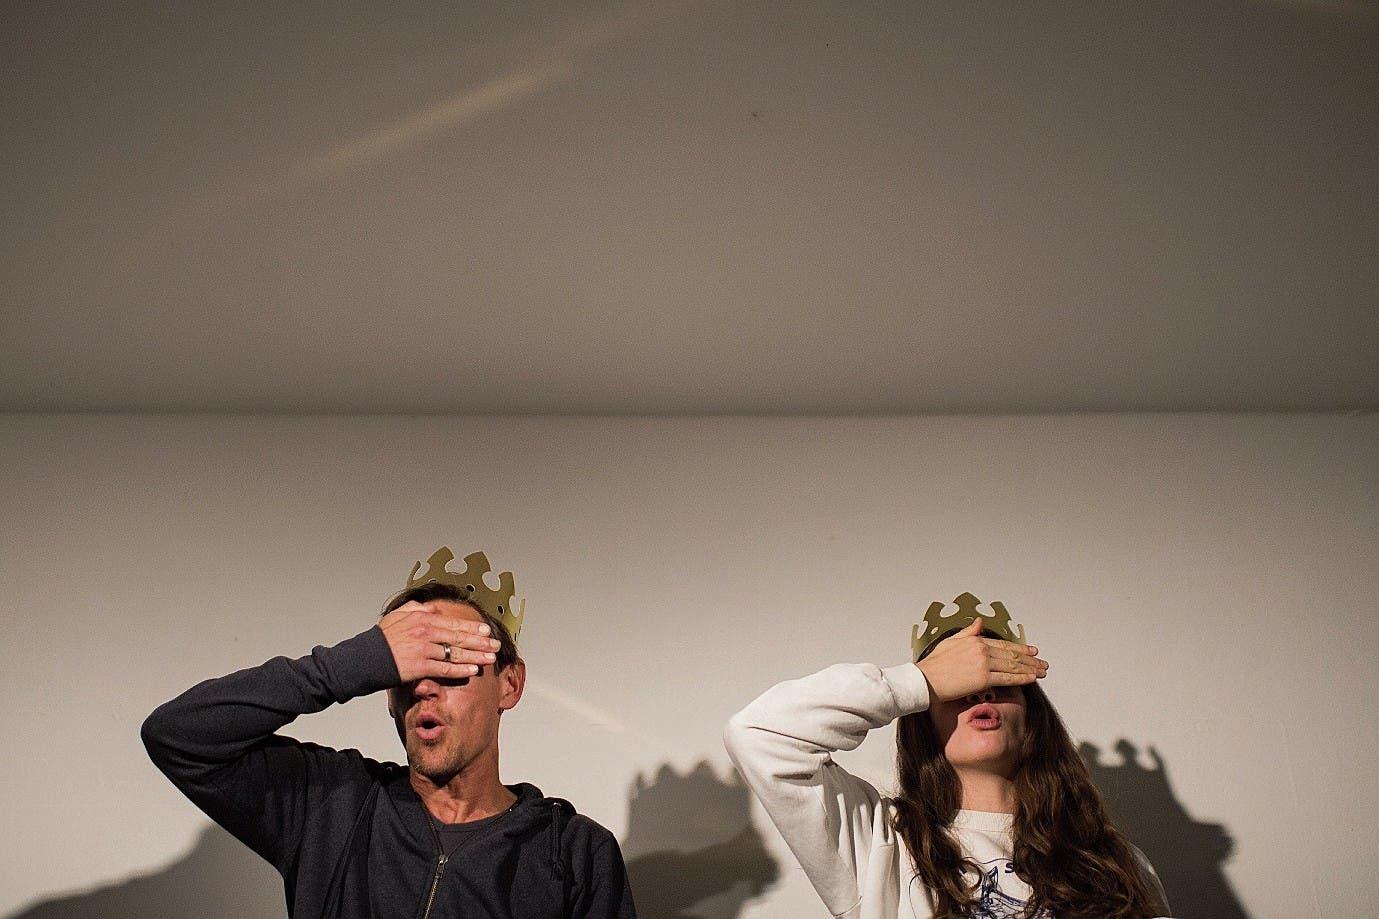 Die Schauspieler proben im Wartesaal, der Laienchor spielt nebenan dieselbe Szene.